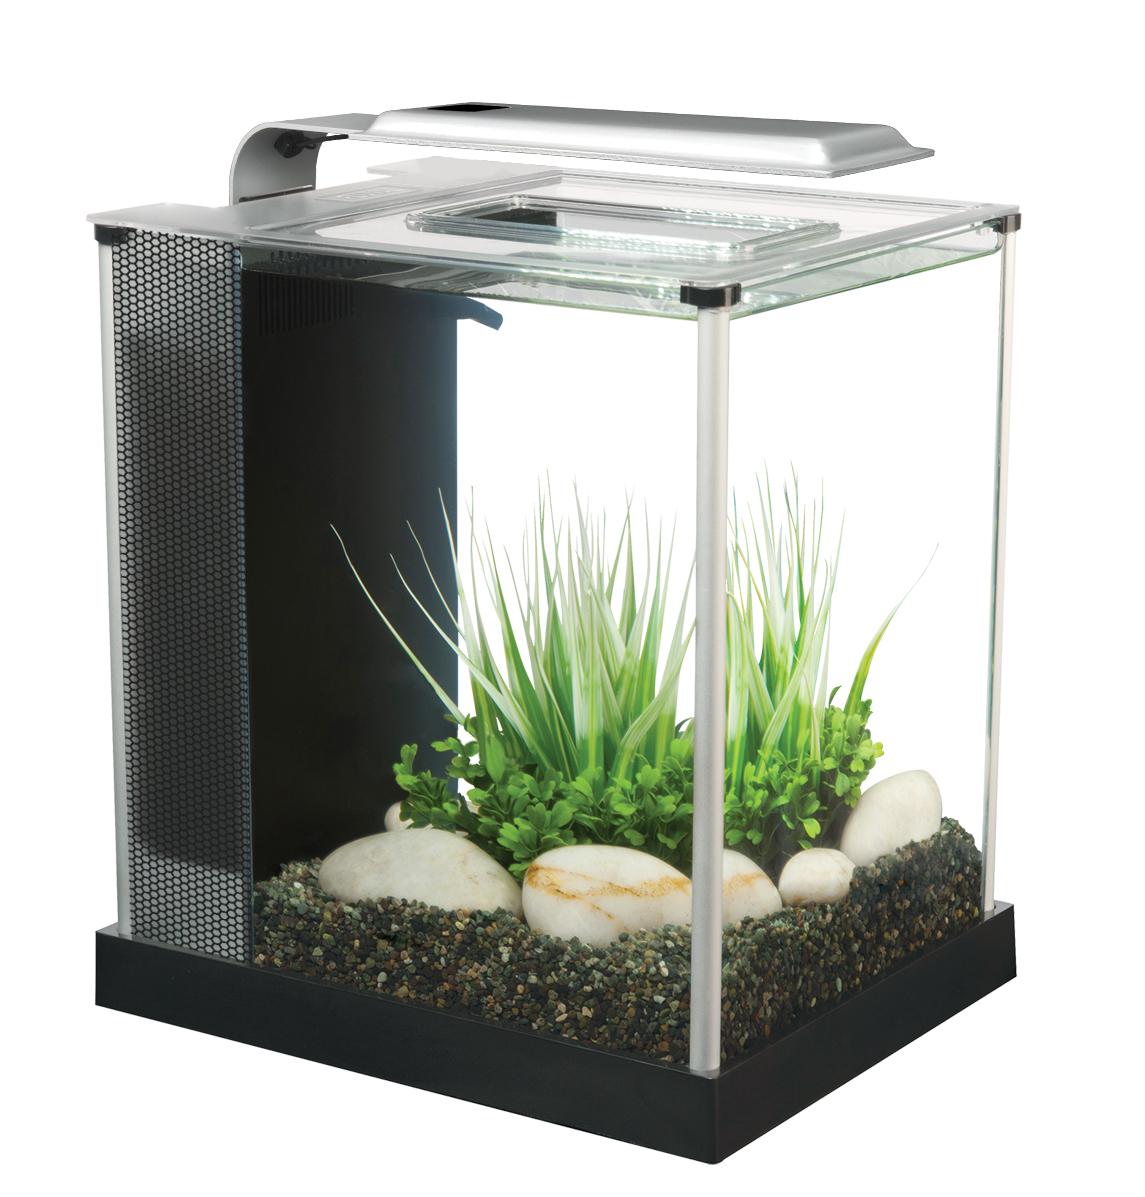 Fluval spec iii 10 liter tisch aquarien aquarien for Aquaristik katalog